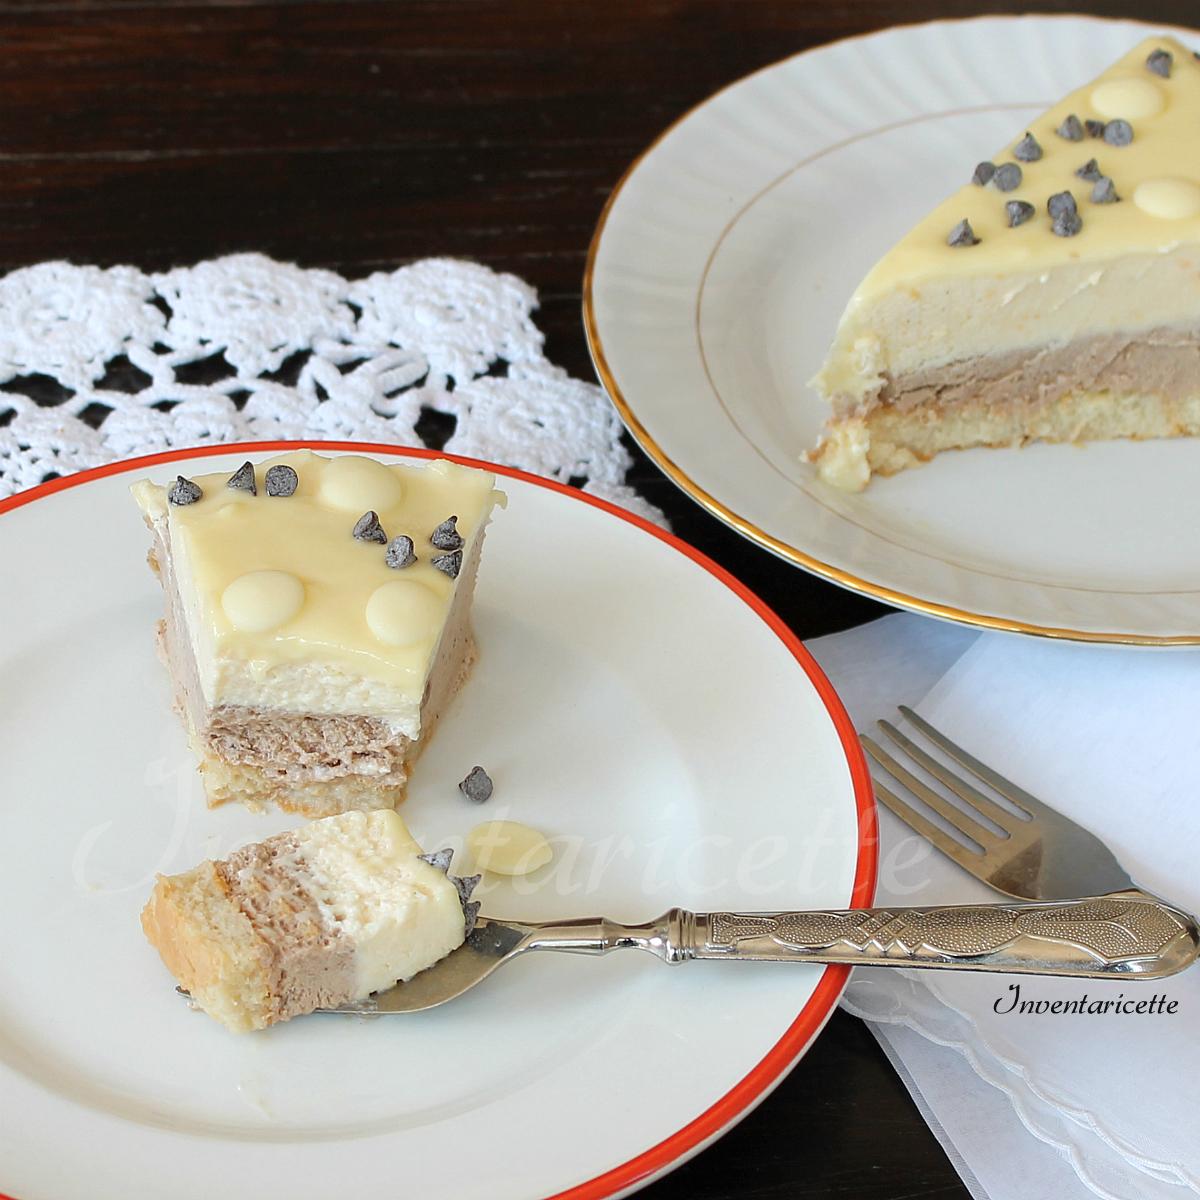 Eccezionale ELEGANTI PER LE FESTE ricette dolci per fare bella figura CY86